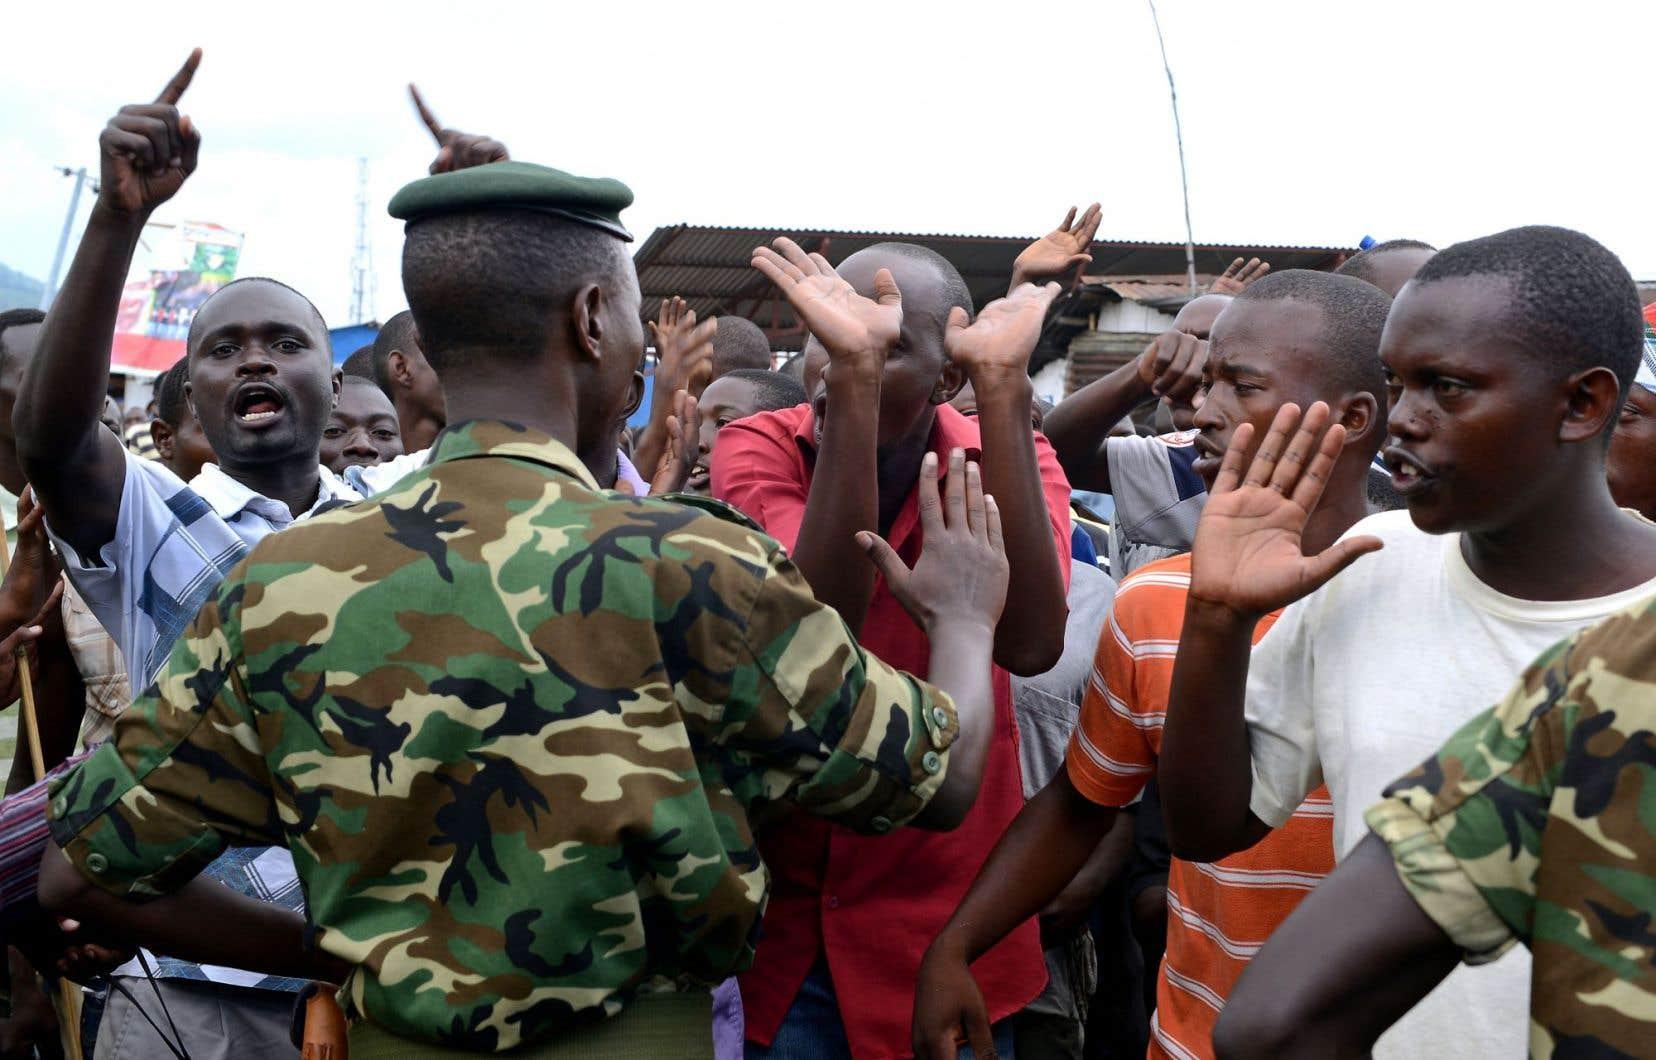 L'armée, bien perçue par la population, s'est interposée entre les manifestants et la police.